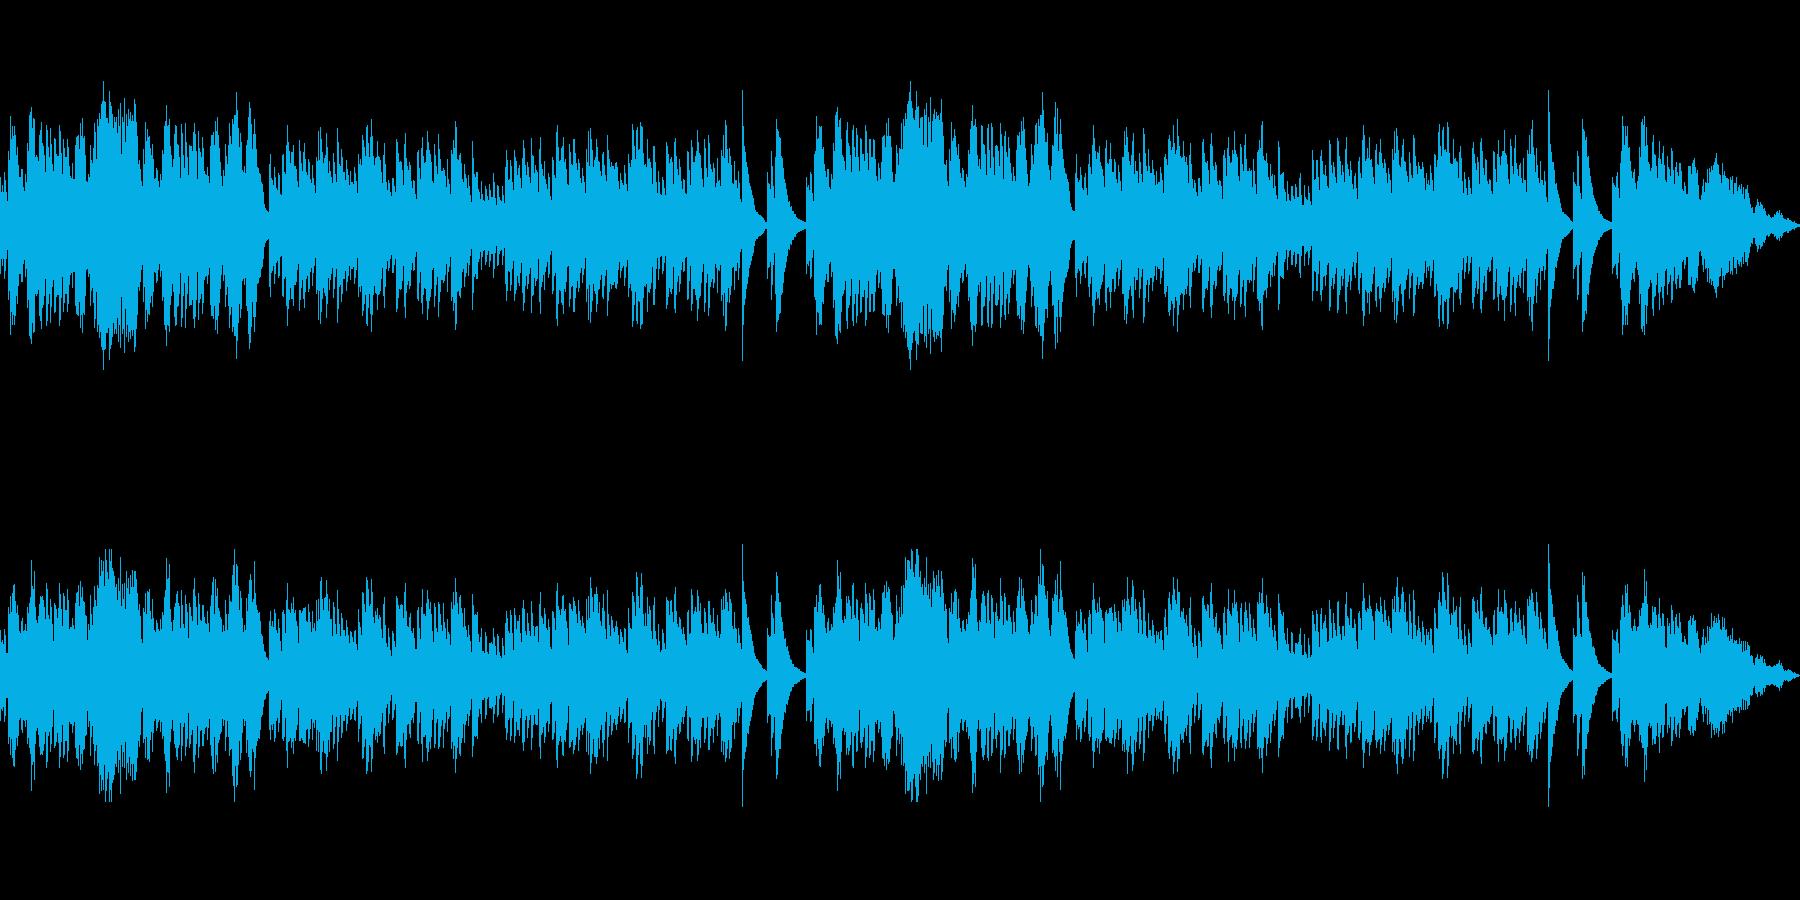 ファンタジー感溢れるオルゴールBGMの再生済みの波形